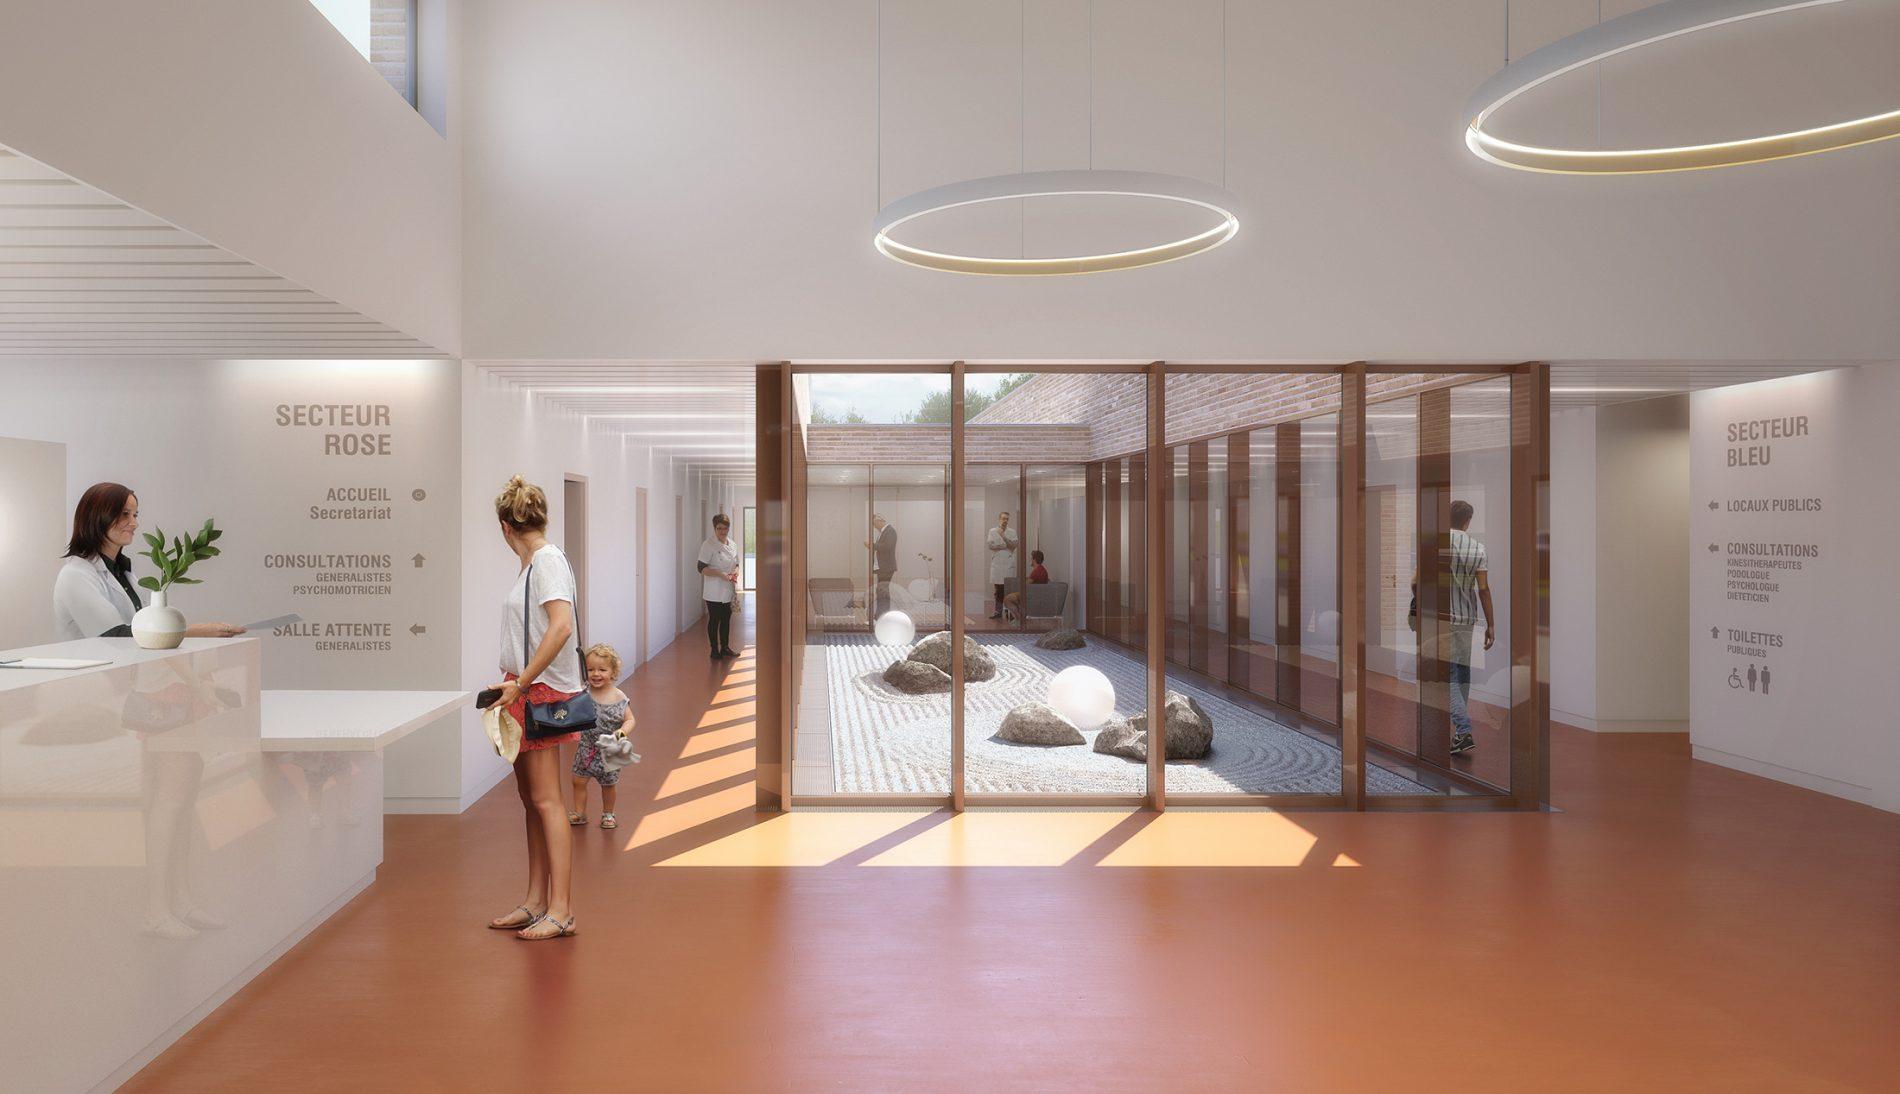 Image du concours d'architecture de la maison de la santé à Charleval, hall d'accueil et son patio japonisan